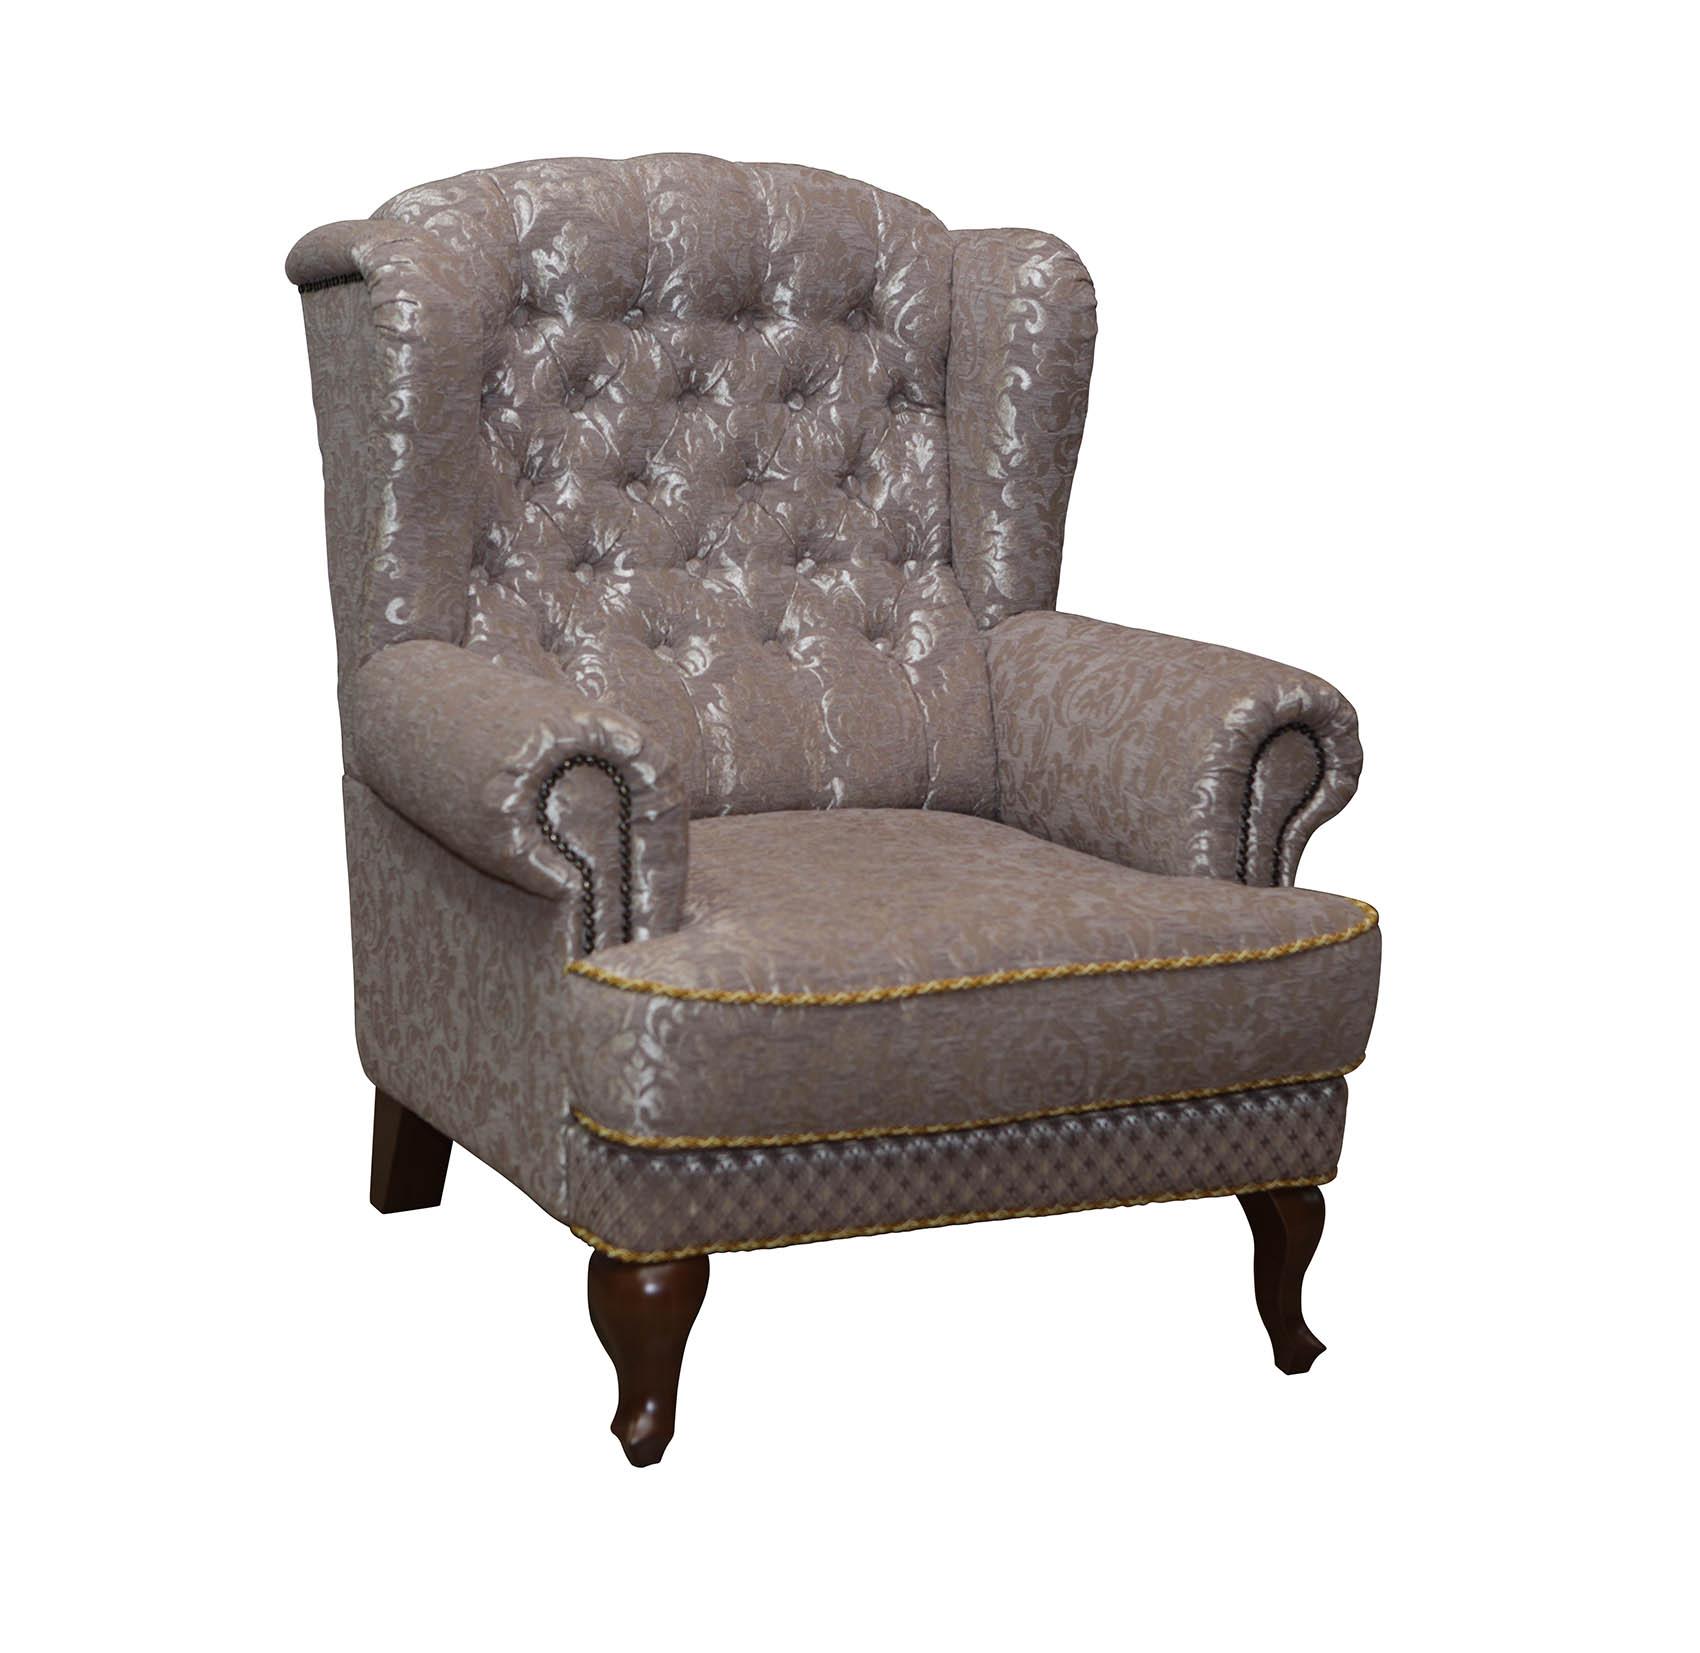 Кресло для отдыха Биг-Бен 2-м636 фото